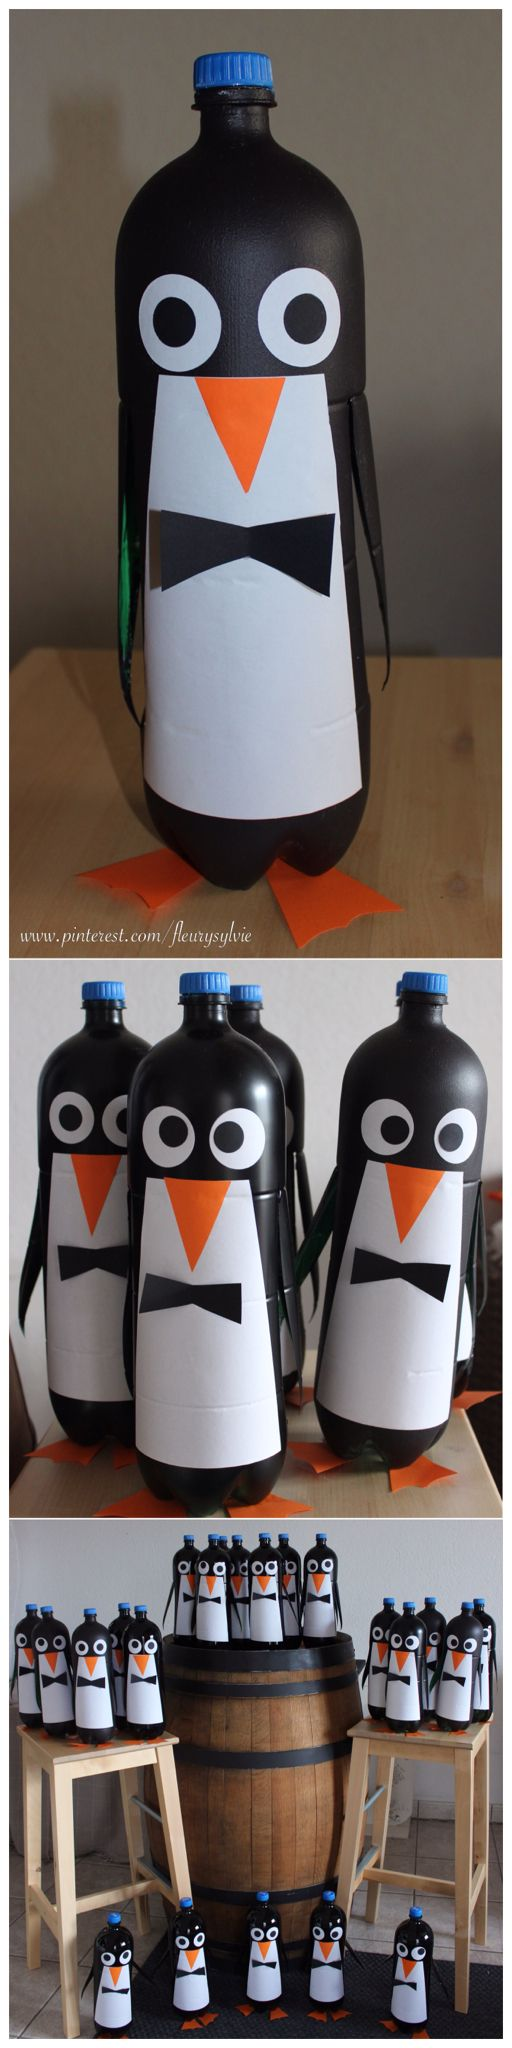 Pingouins rigolos avec bouteilles PET 2L. Extrait d'une déco de vitrine. http://pinterest.com/fleurysylvie/mes-creas-deriendutout/